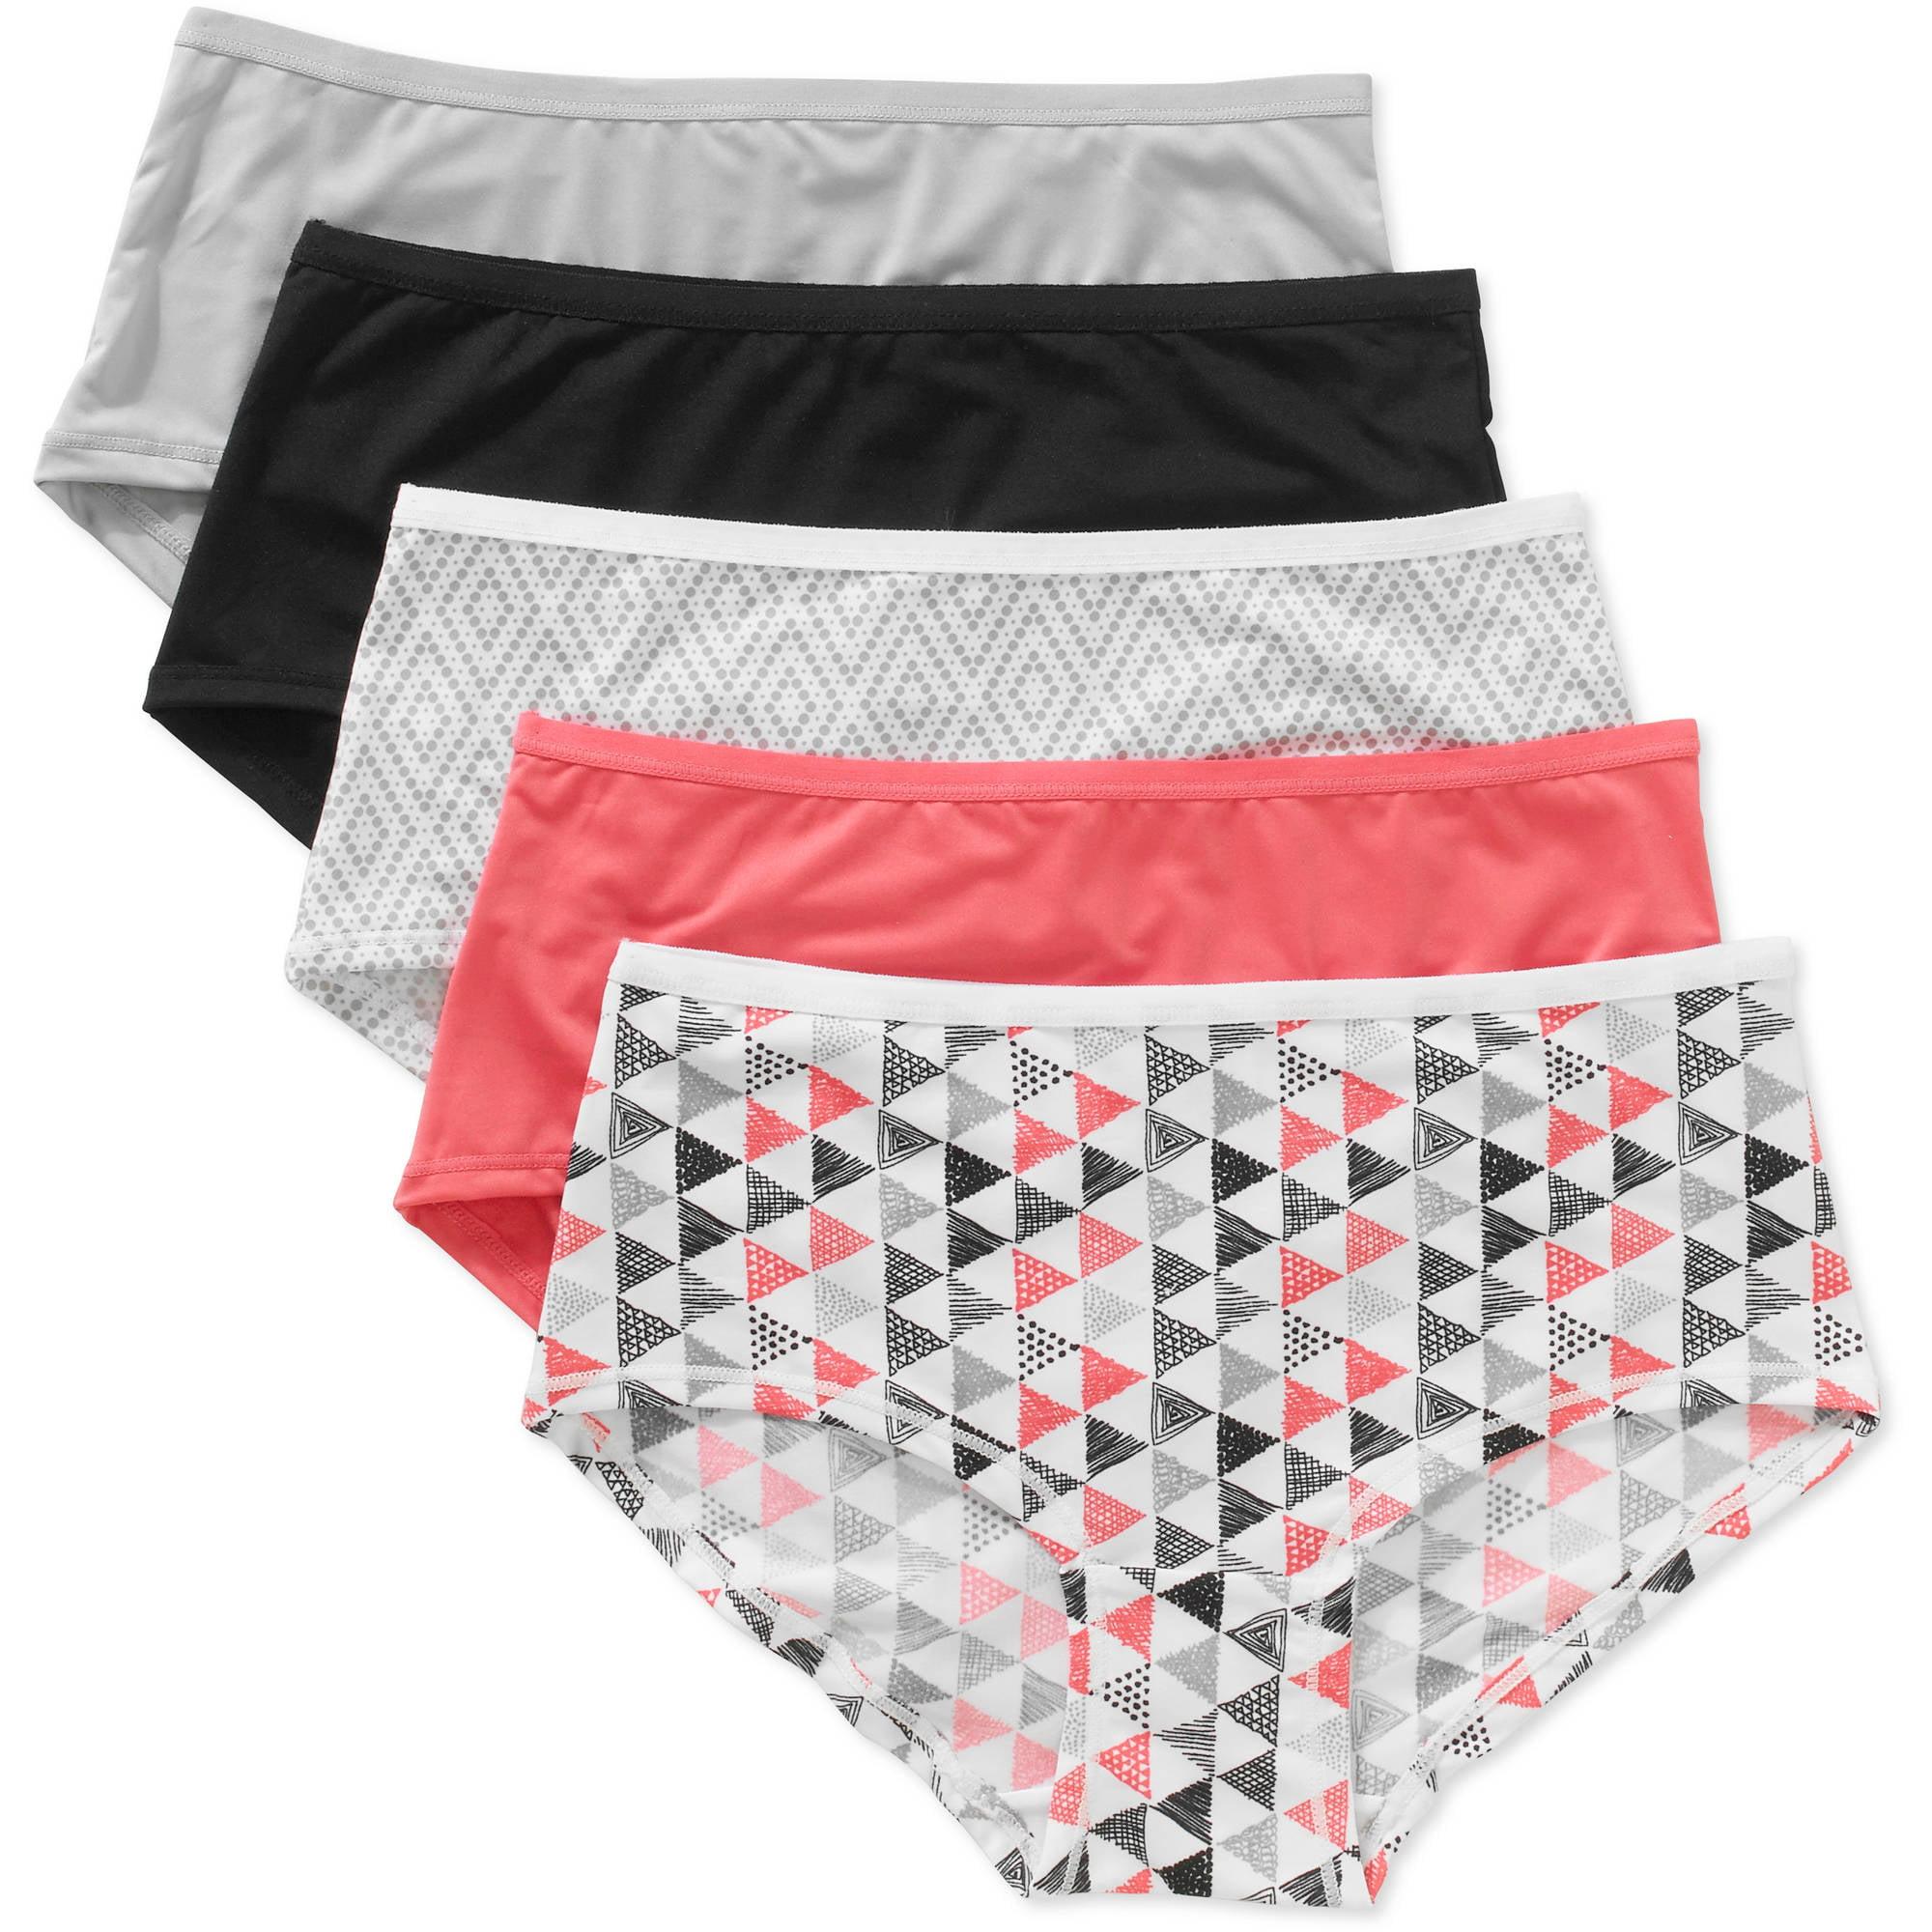 friend-mom-shows-panties Secret Treasures All Panties